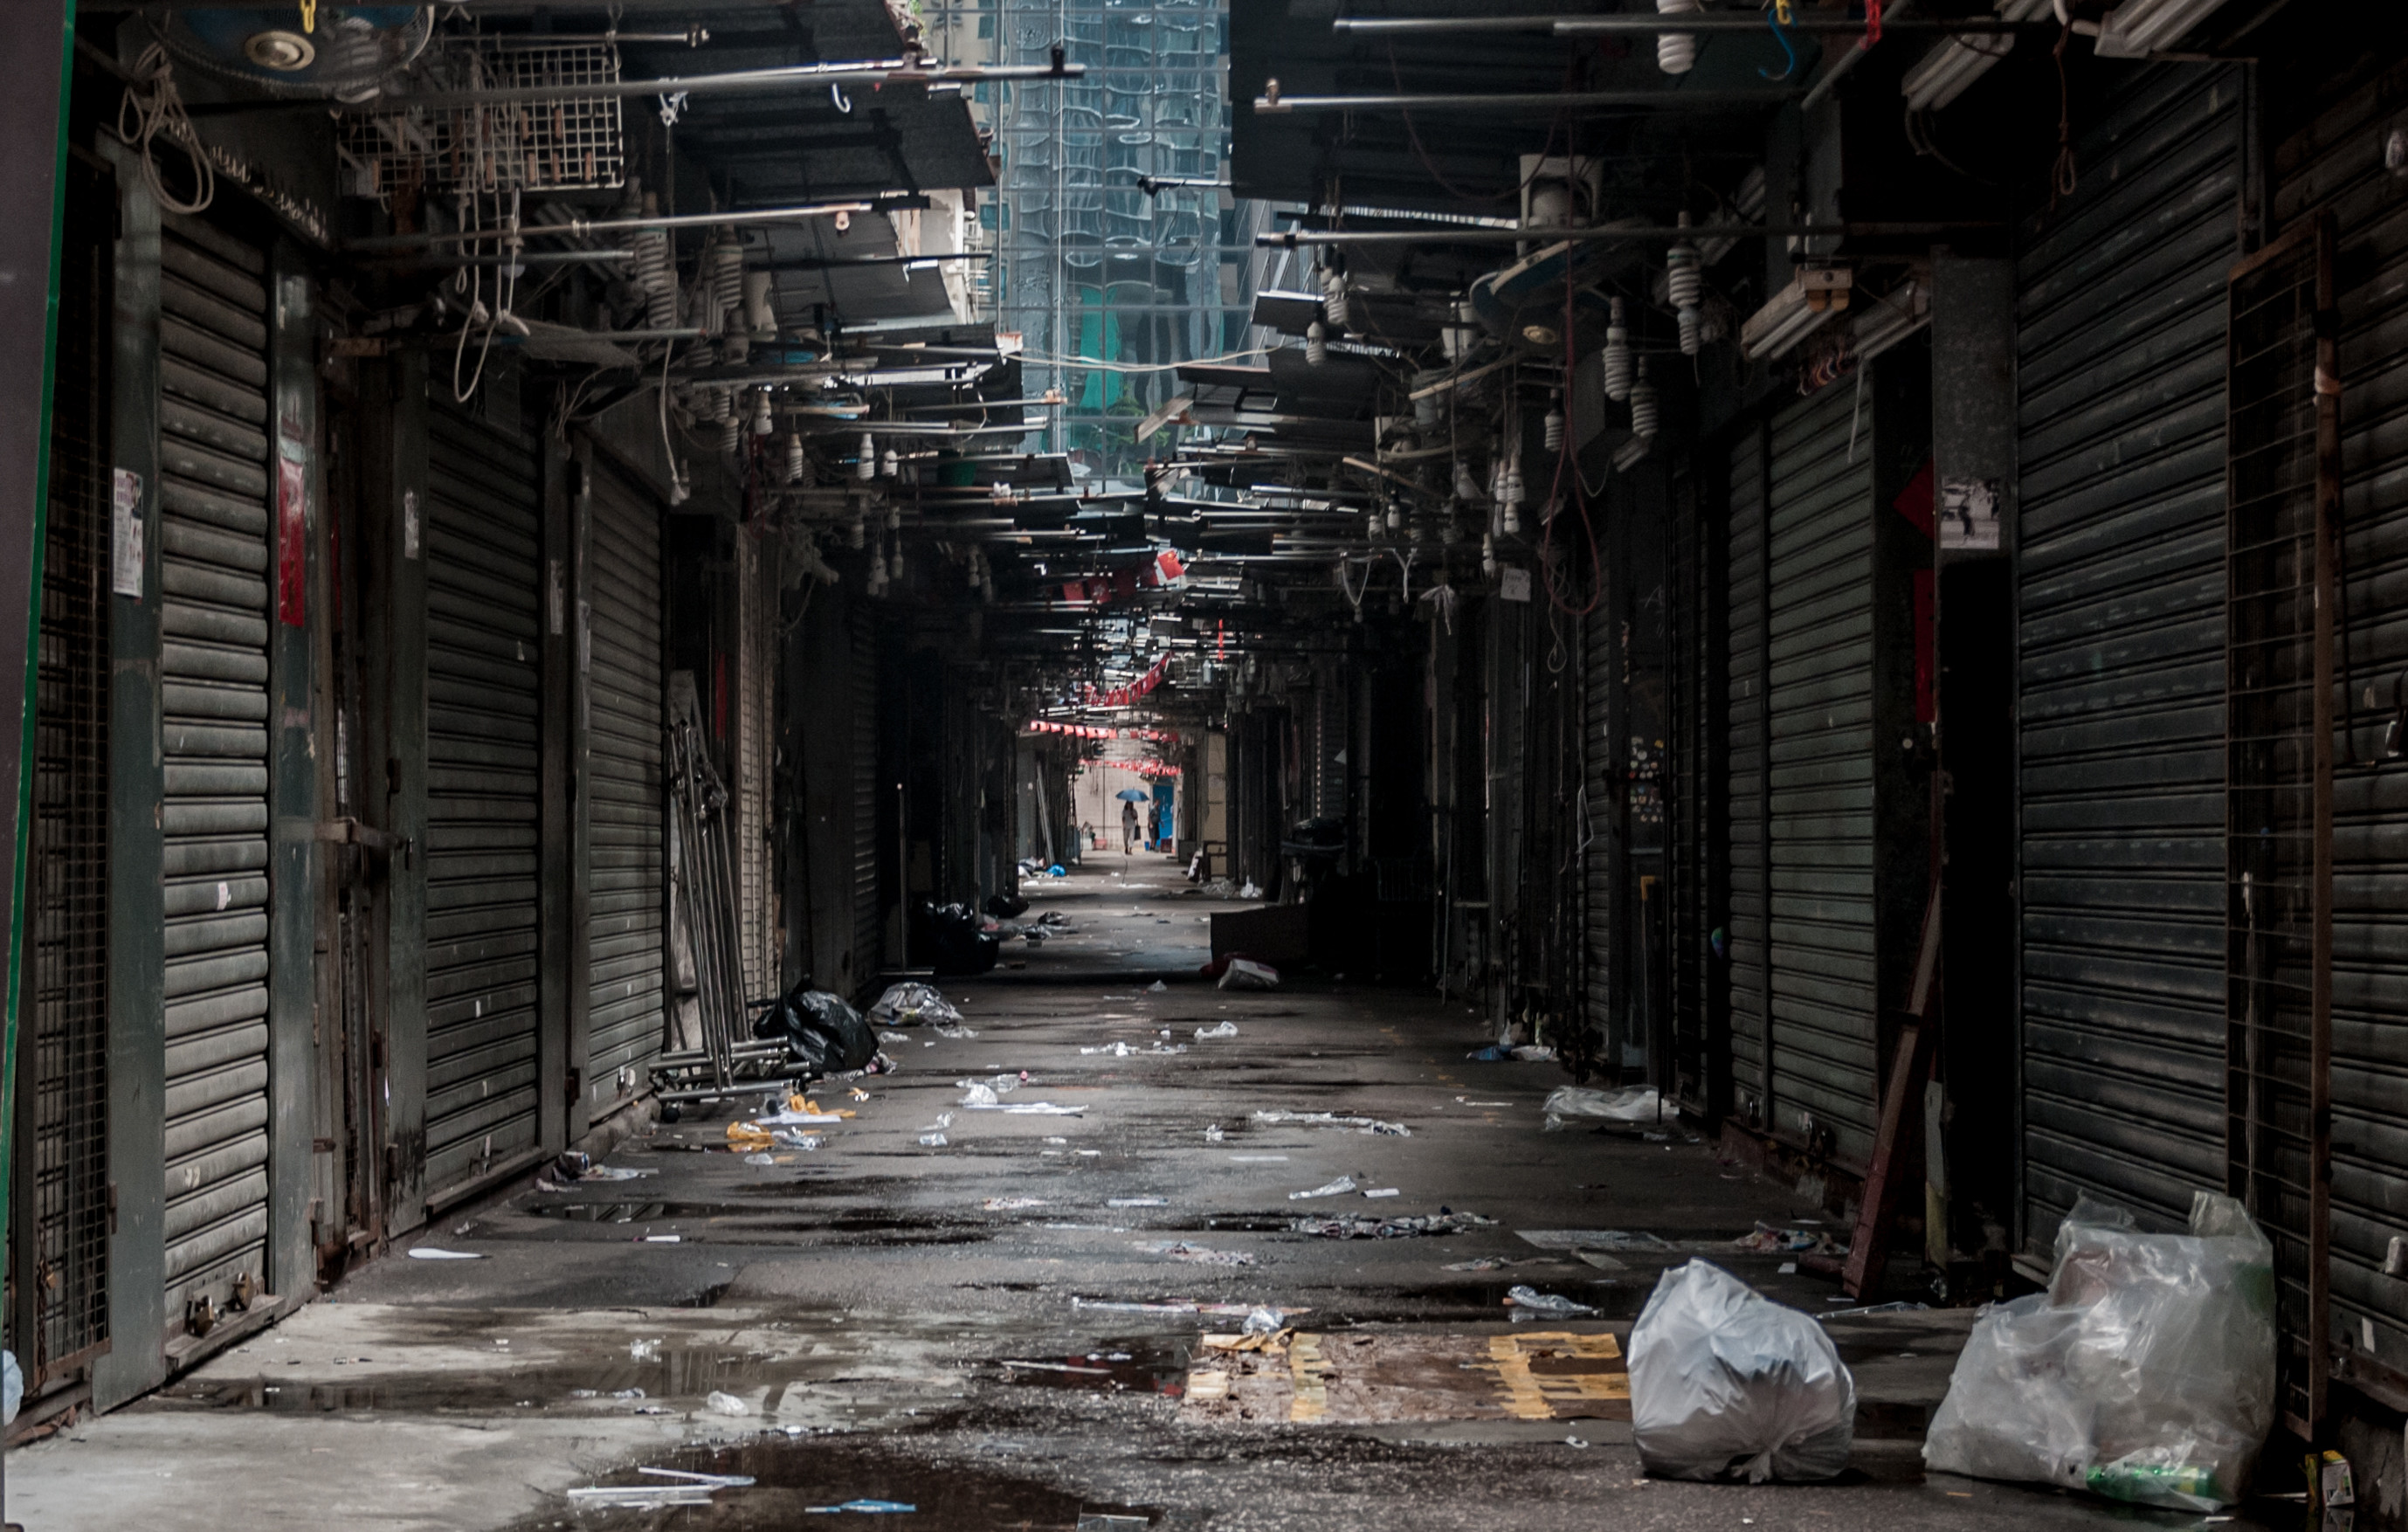 гетто картинки улиц нашу подборку статусов